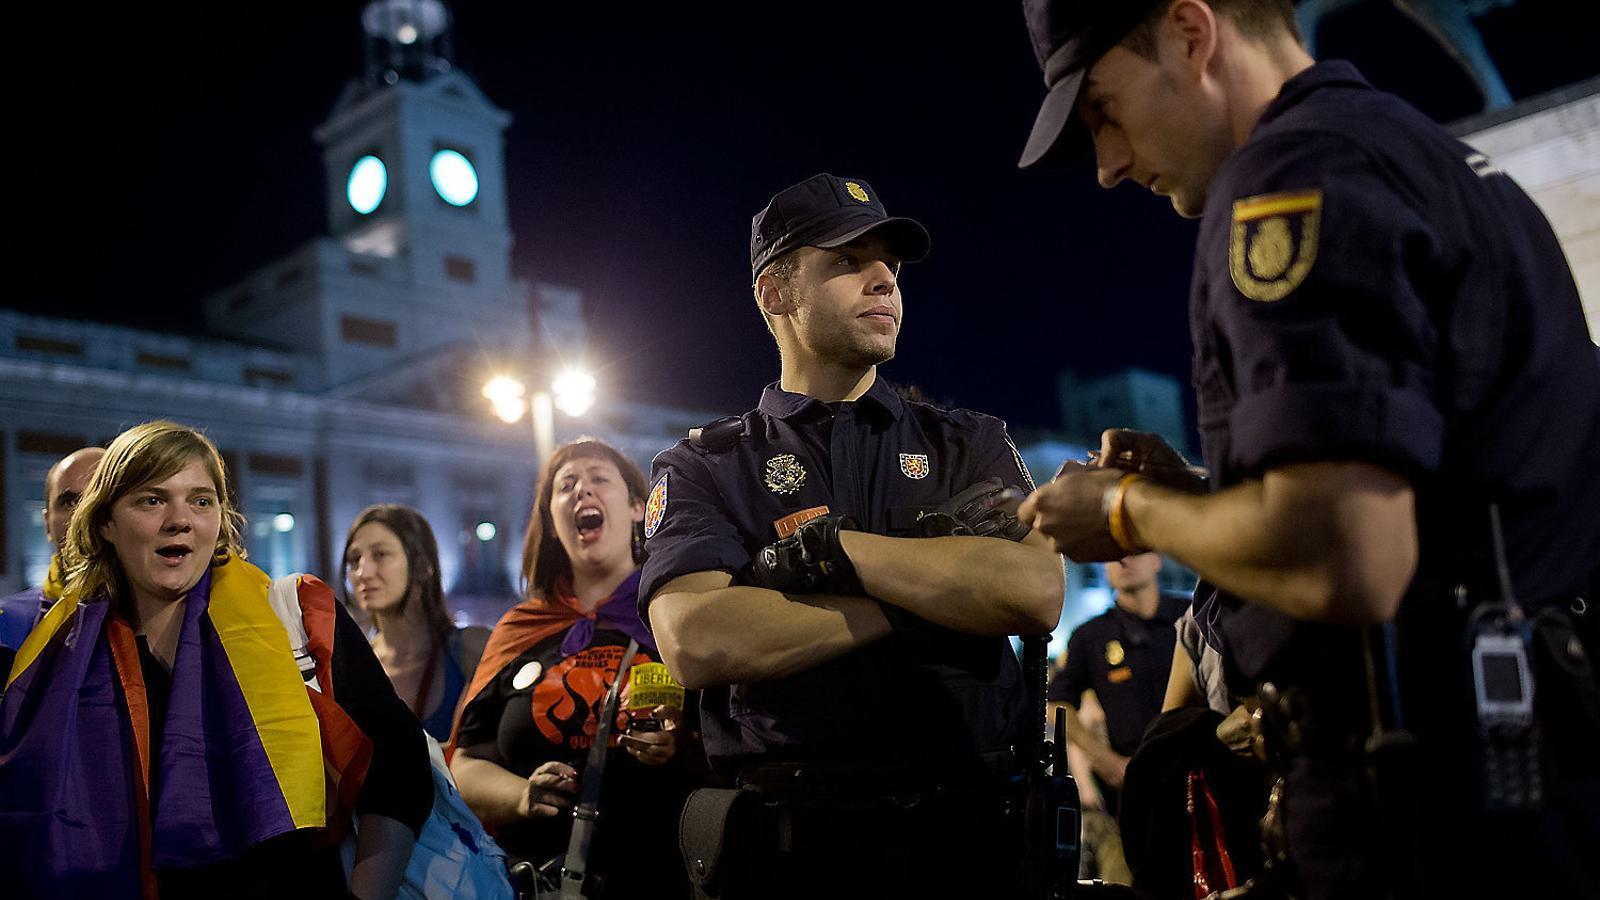 La 'llei mordassa' suma 45 sancions diàries per faltar al respecte a la policia